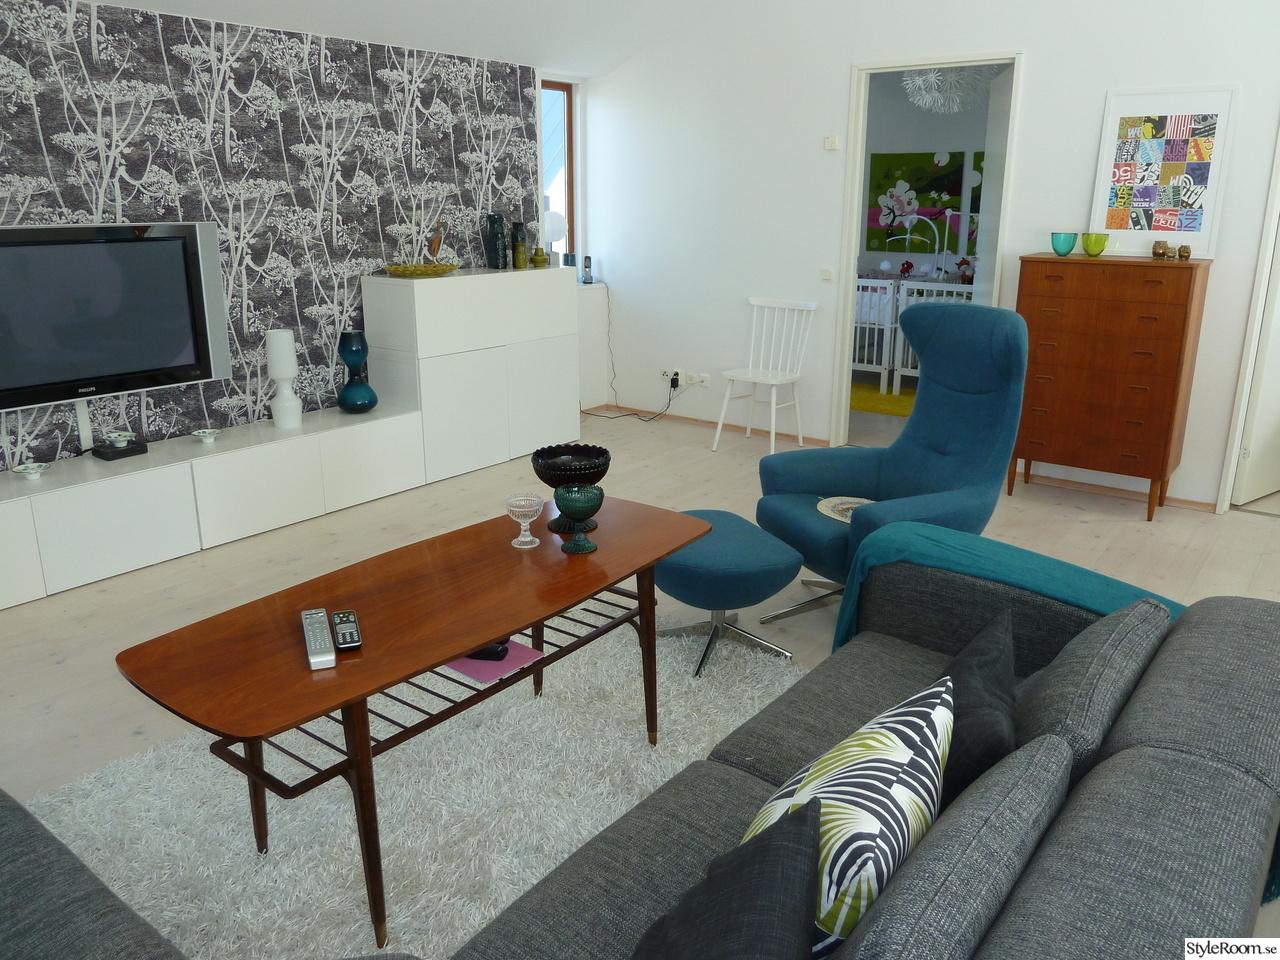 ... soffa,teakbord,cole & son,hundkex,tvbänk,ikea,50-tal,pinnstol,tv-rum